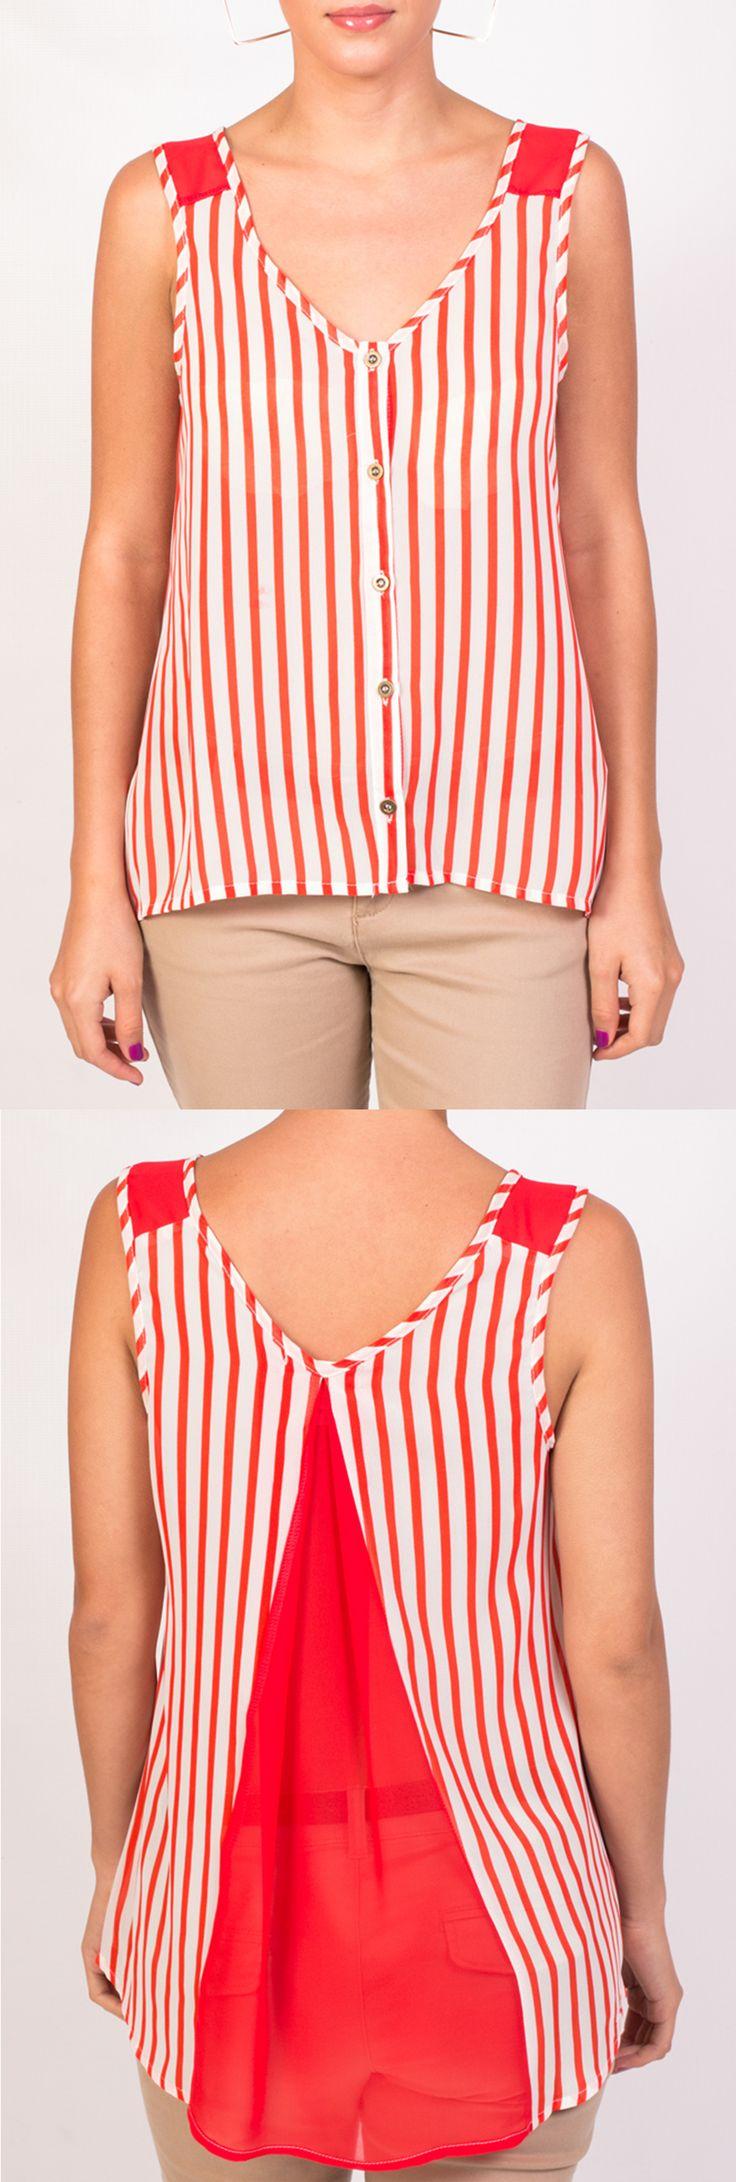 Qué te pareces esta blusa con rayas rojas un pantalón nude o blanco y accesorios dorados para salir con las amigas.